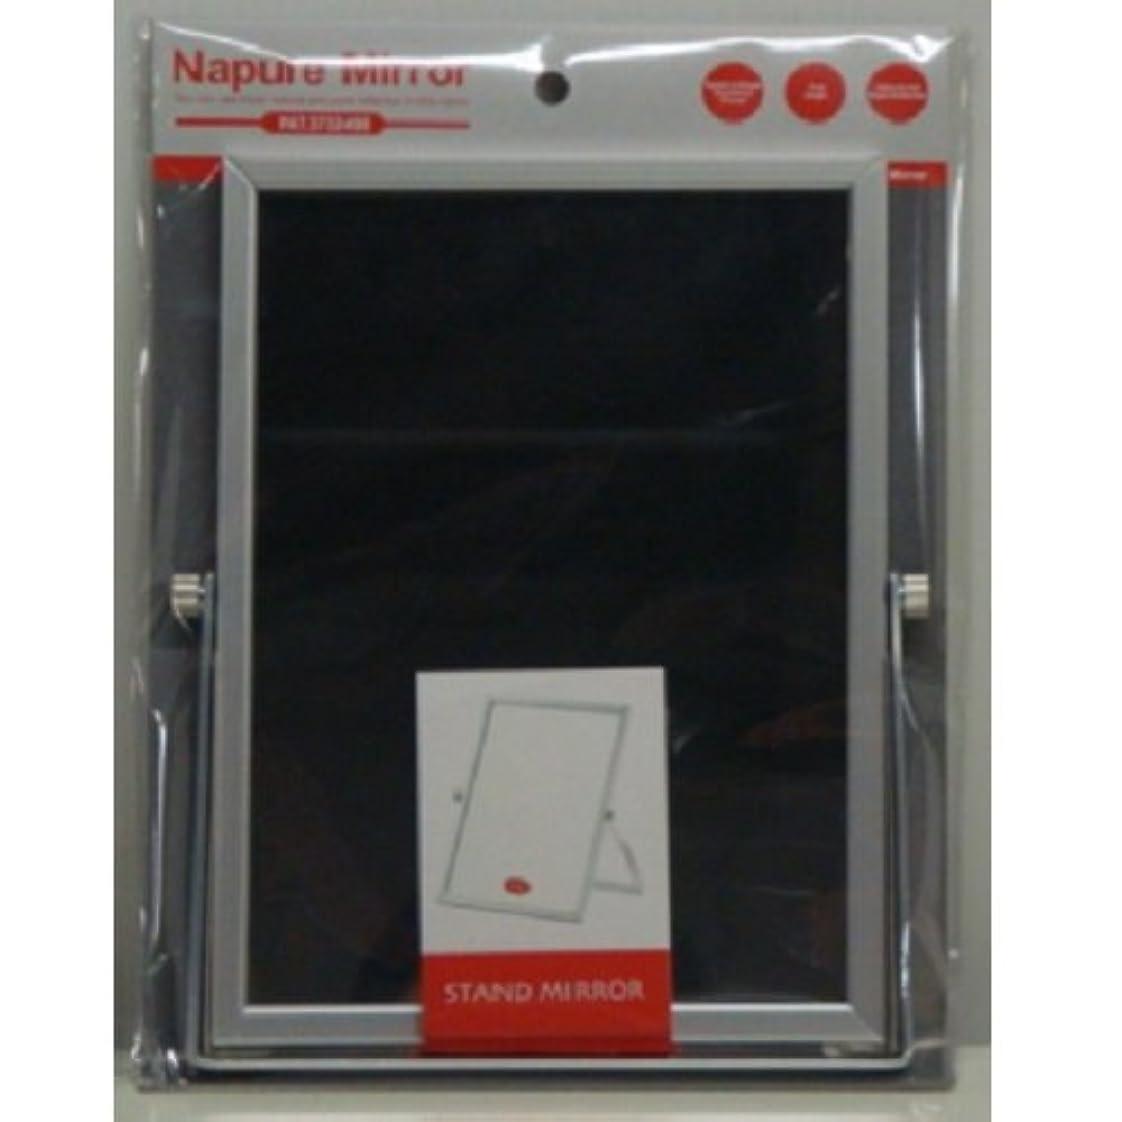 同盟冷蔵庫優勢NA-26 ナピュア アルミスタンドミラー(M)